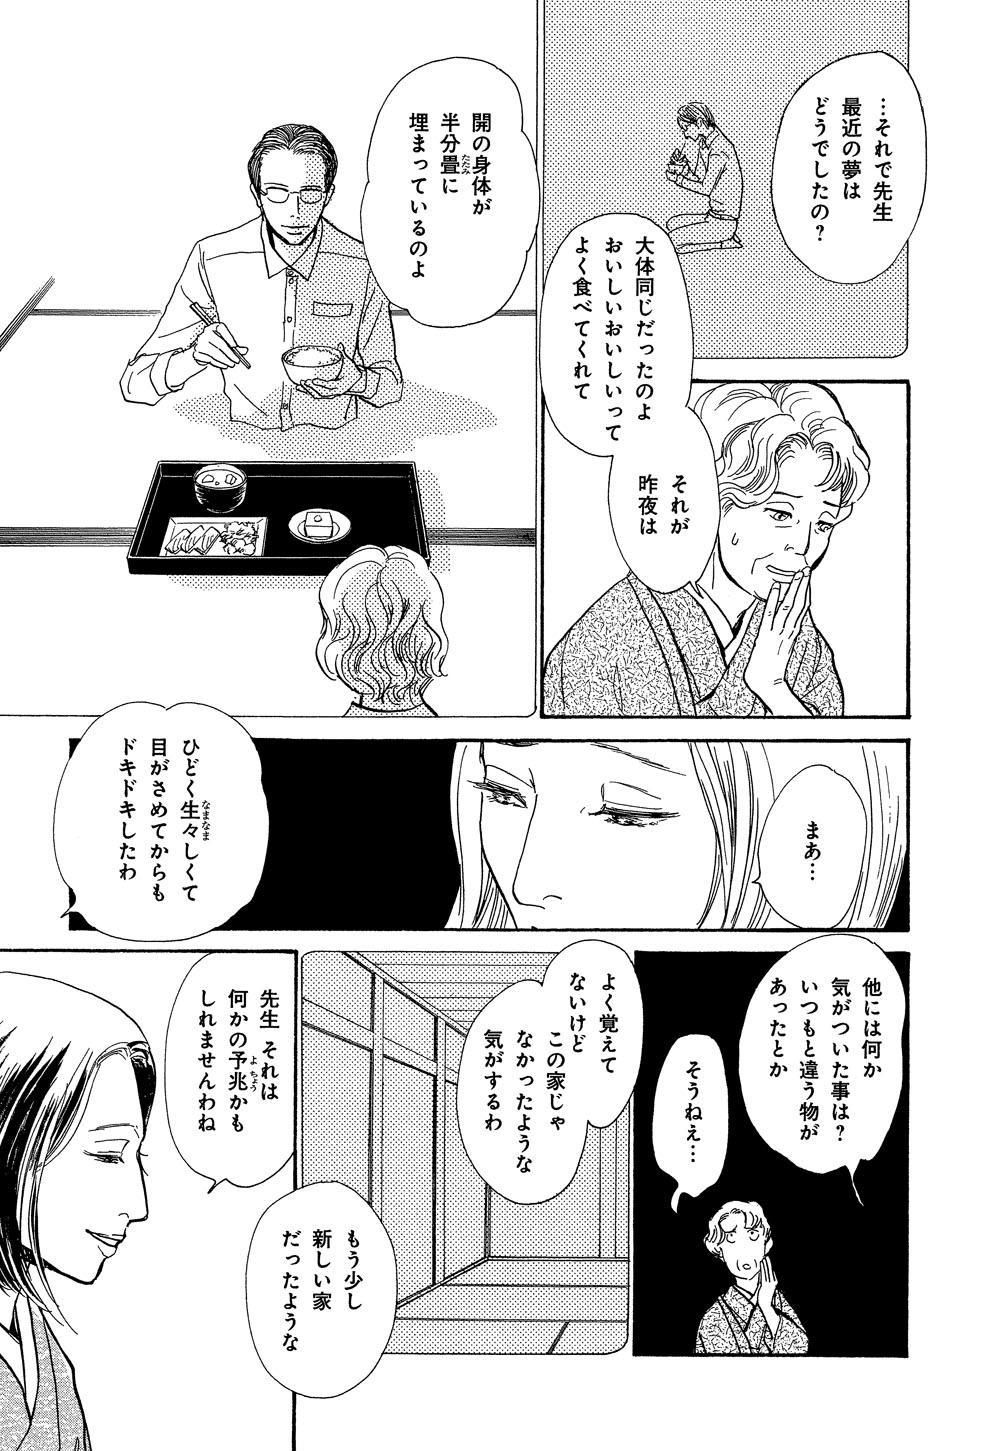 hyakki_0021_0017.jpg